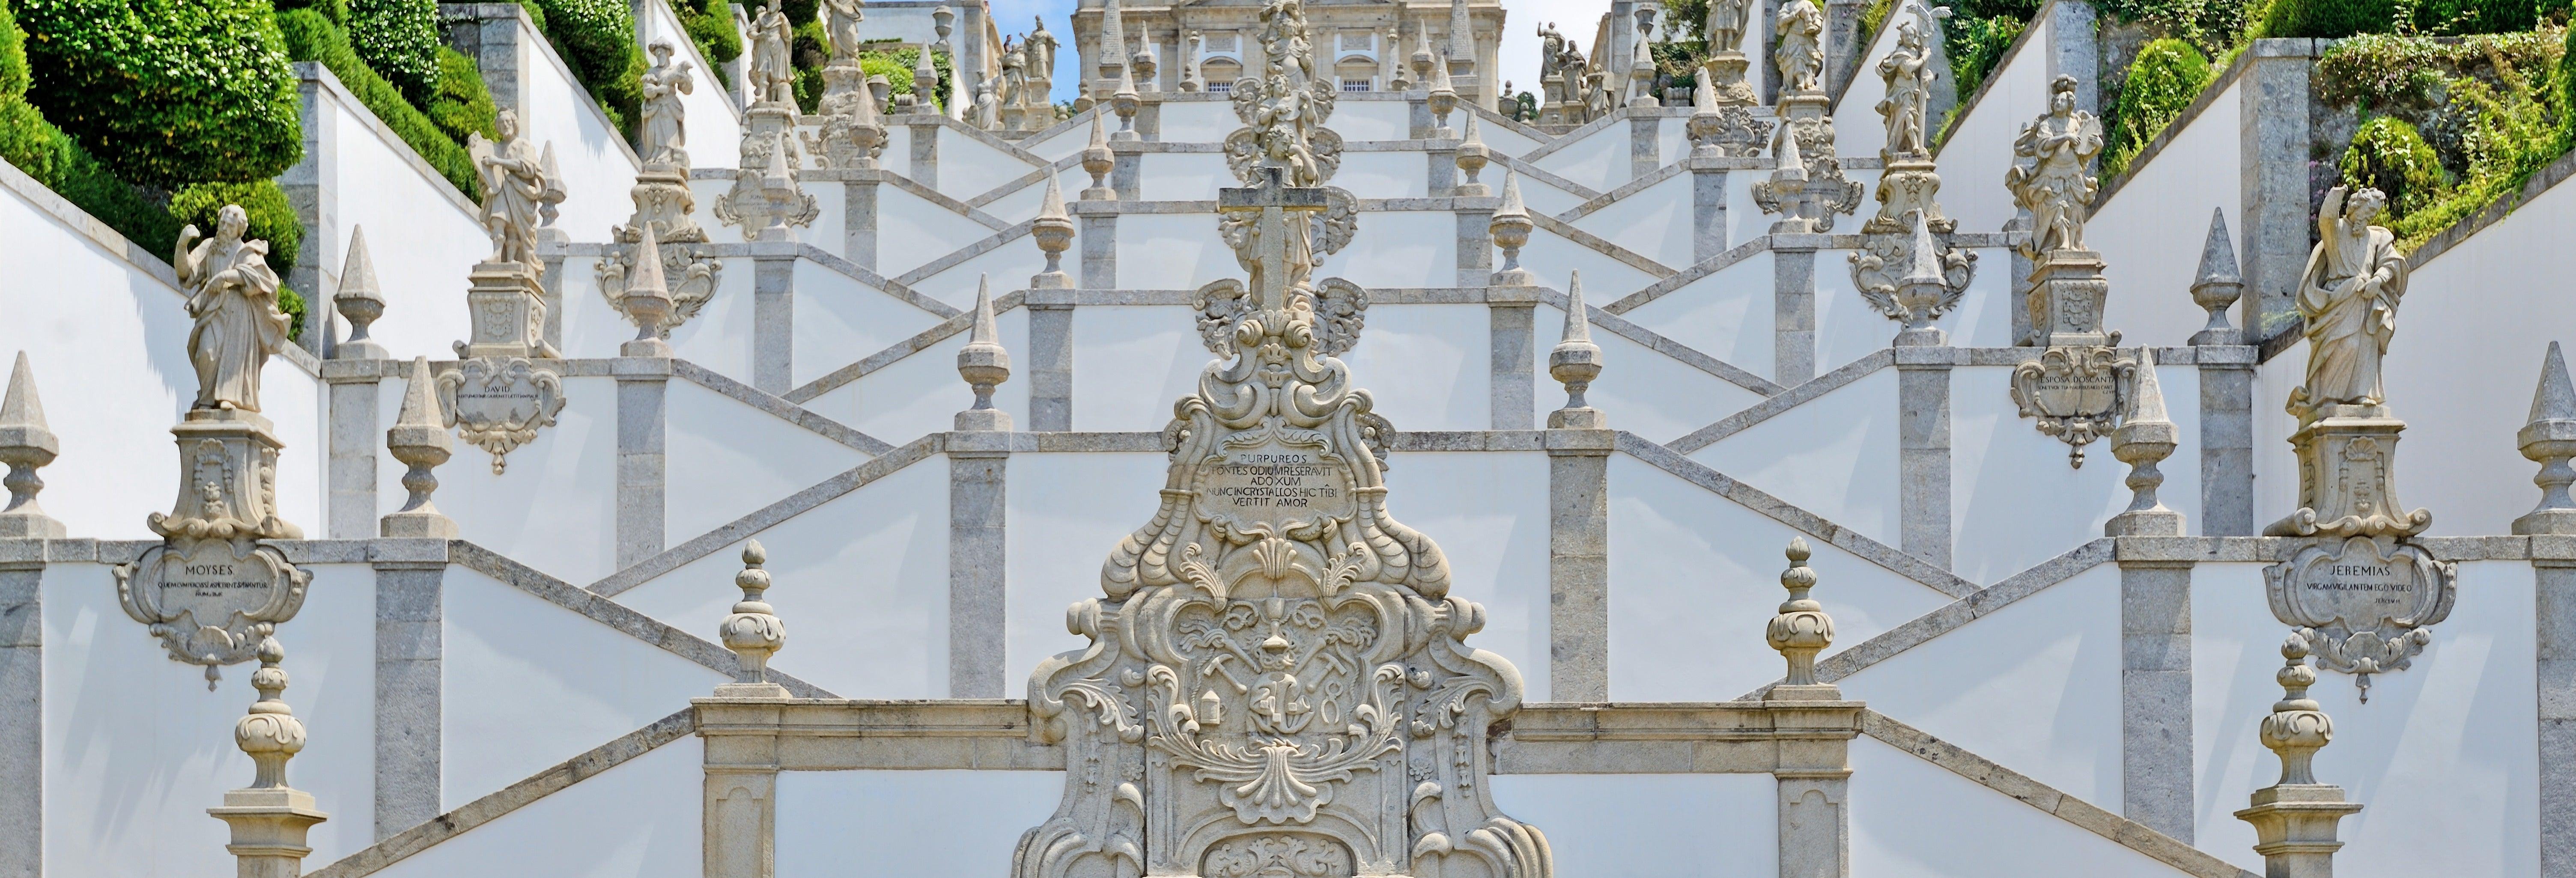 Tour privado por Braga com guia em português